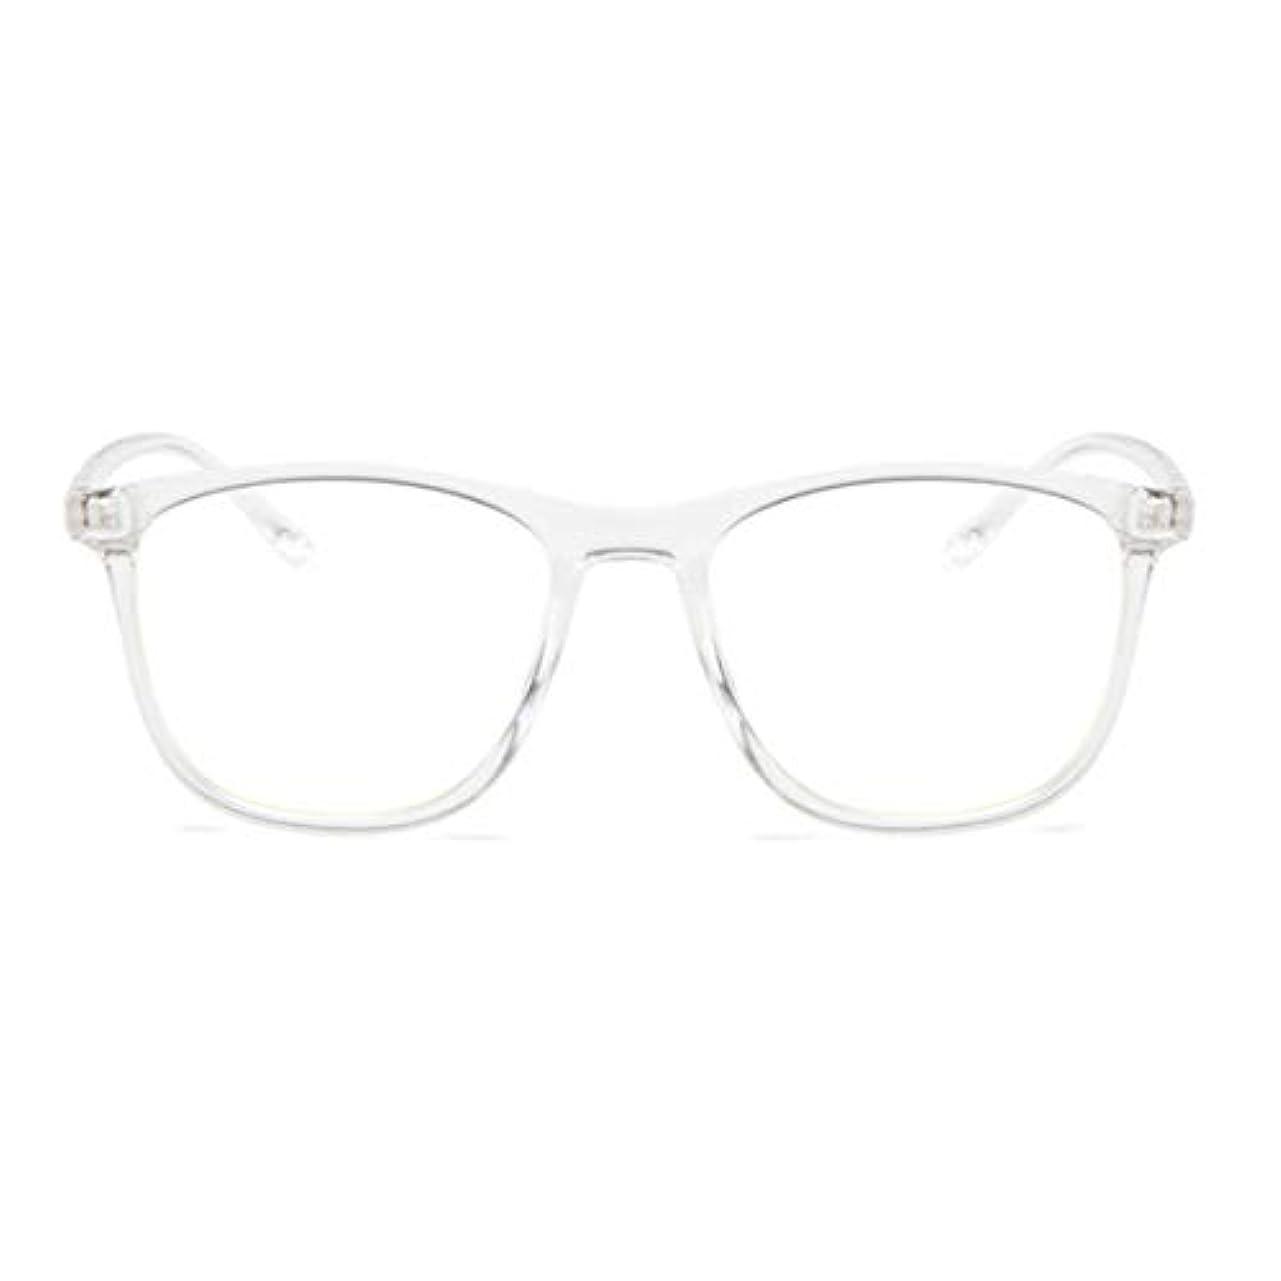 荒らす便宜統治可能韓国の学生のプレーンメガネ男性と女性のファッションメガネフレーム近視メガネフレームファッショナブルなシンプルなメガネ-透明ホワイト